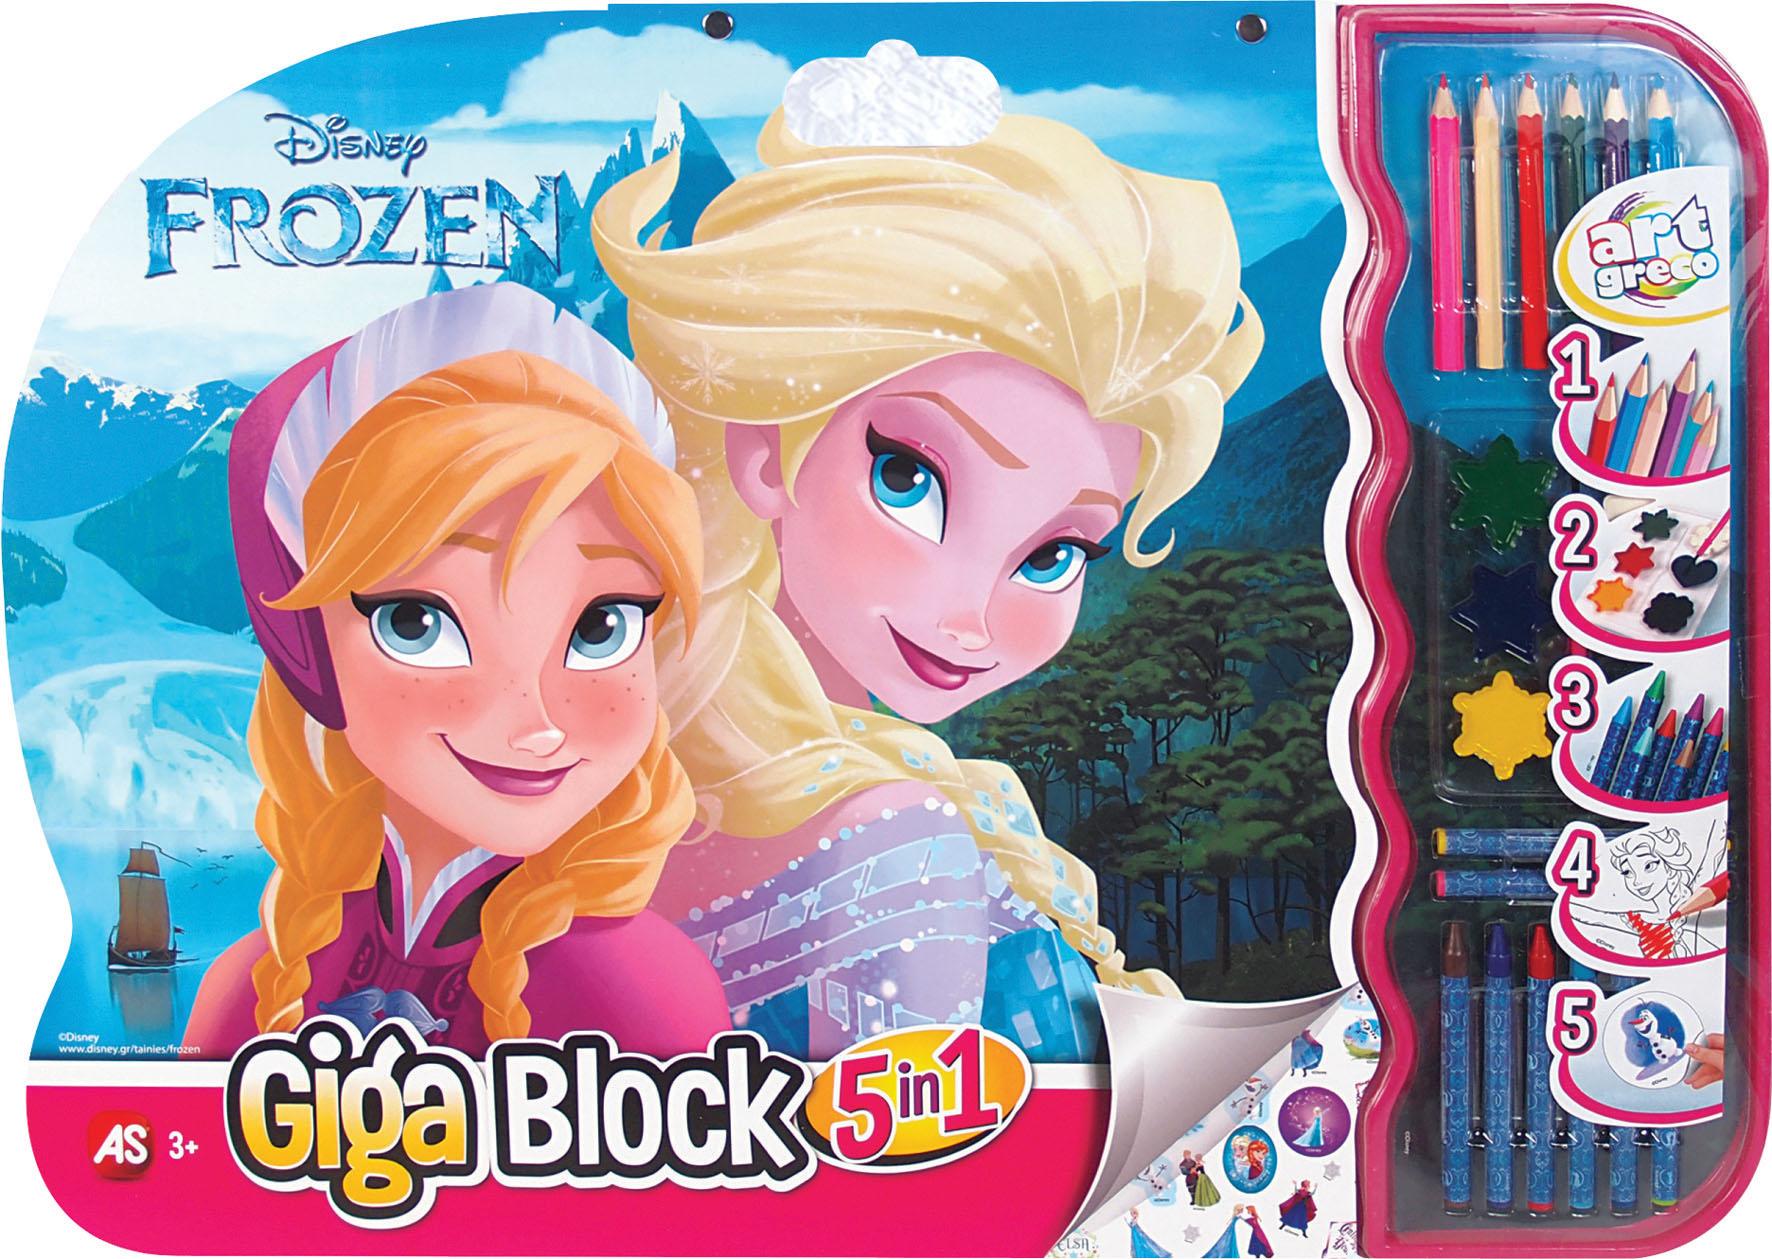 GIGA BLOCK FROZEN 5 IN 1